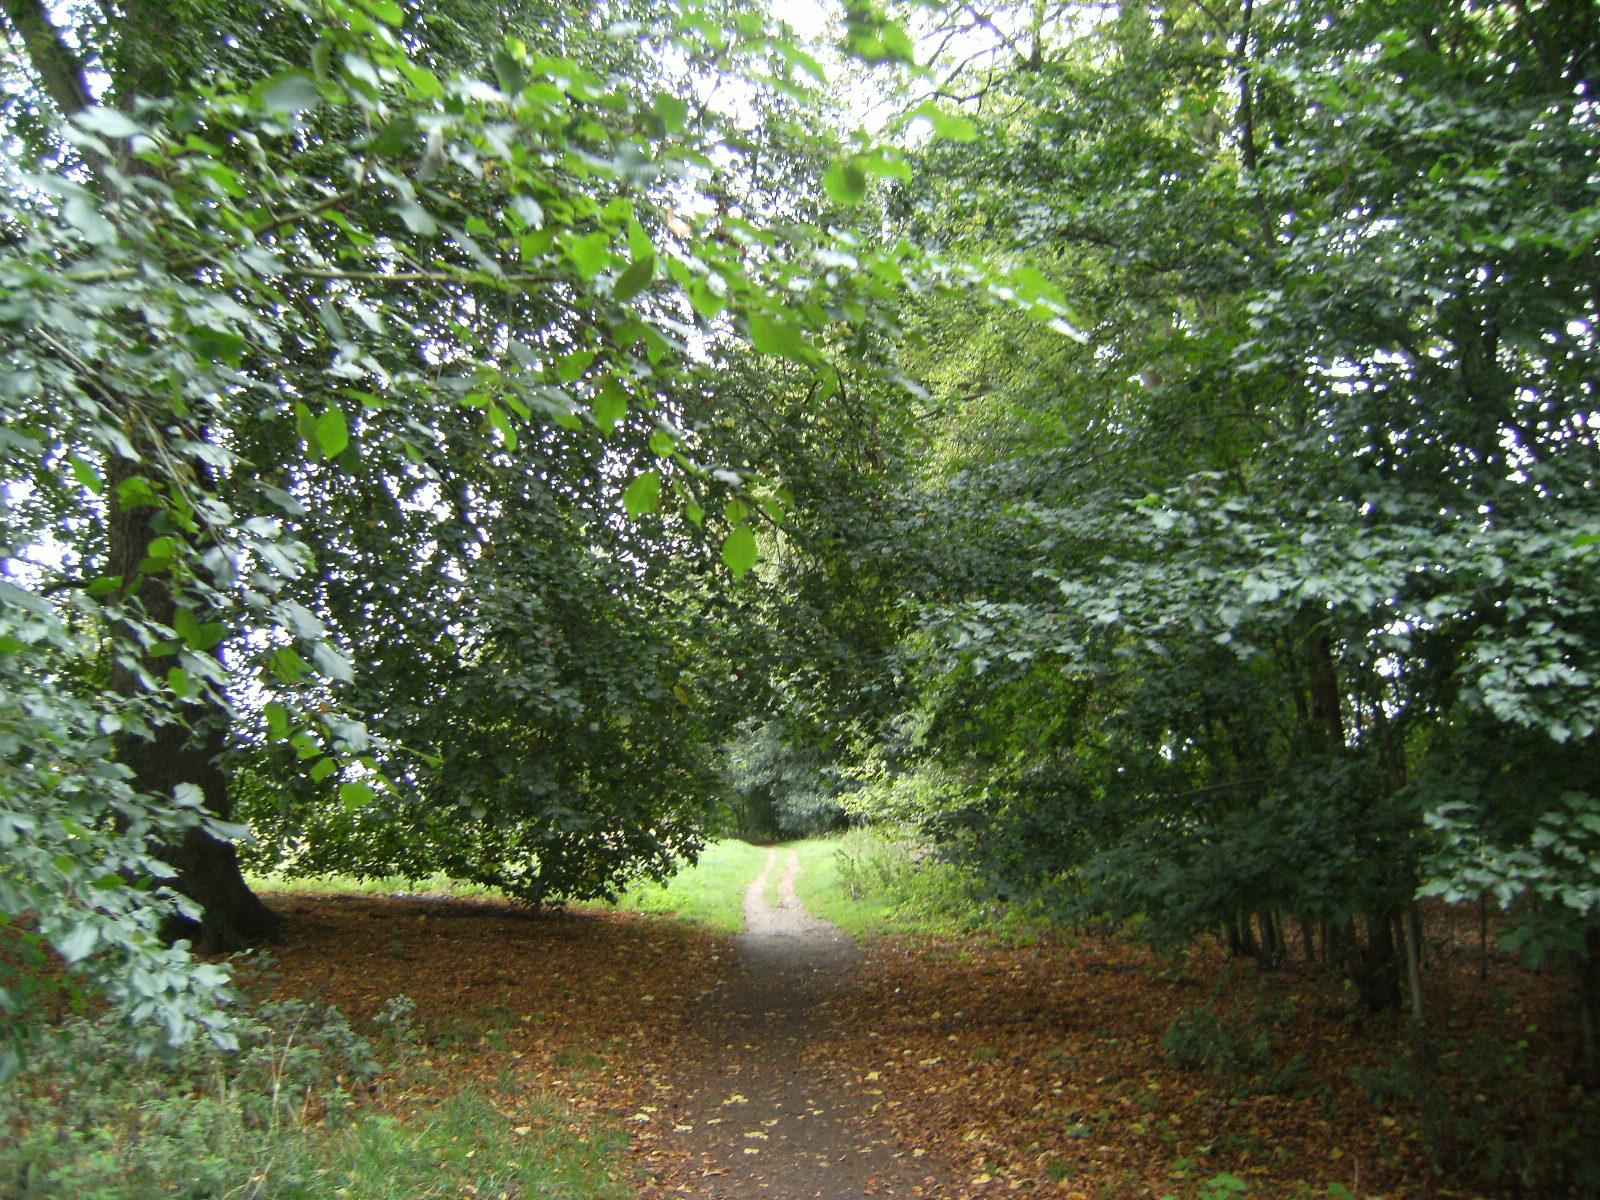 DSCF9351 Audley Park